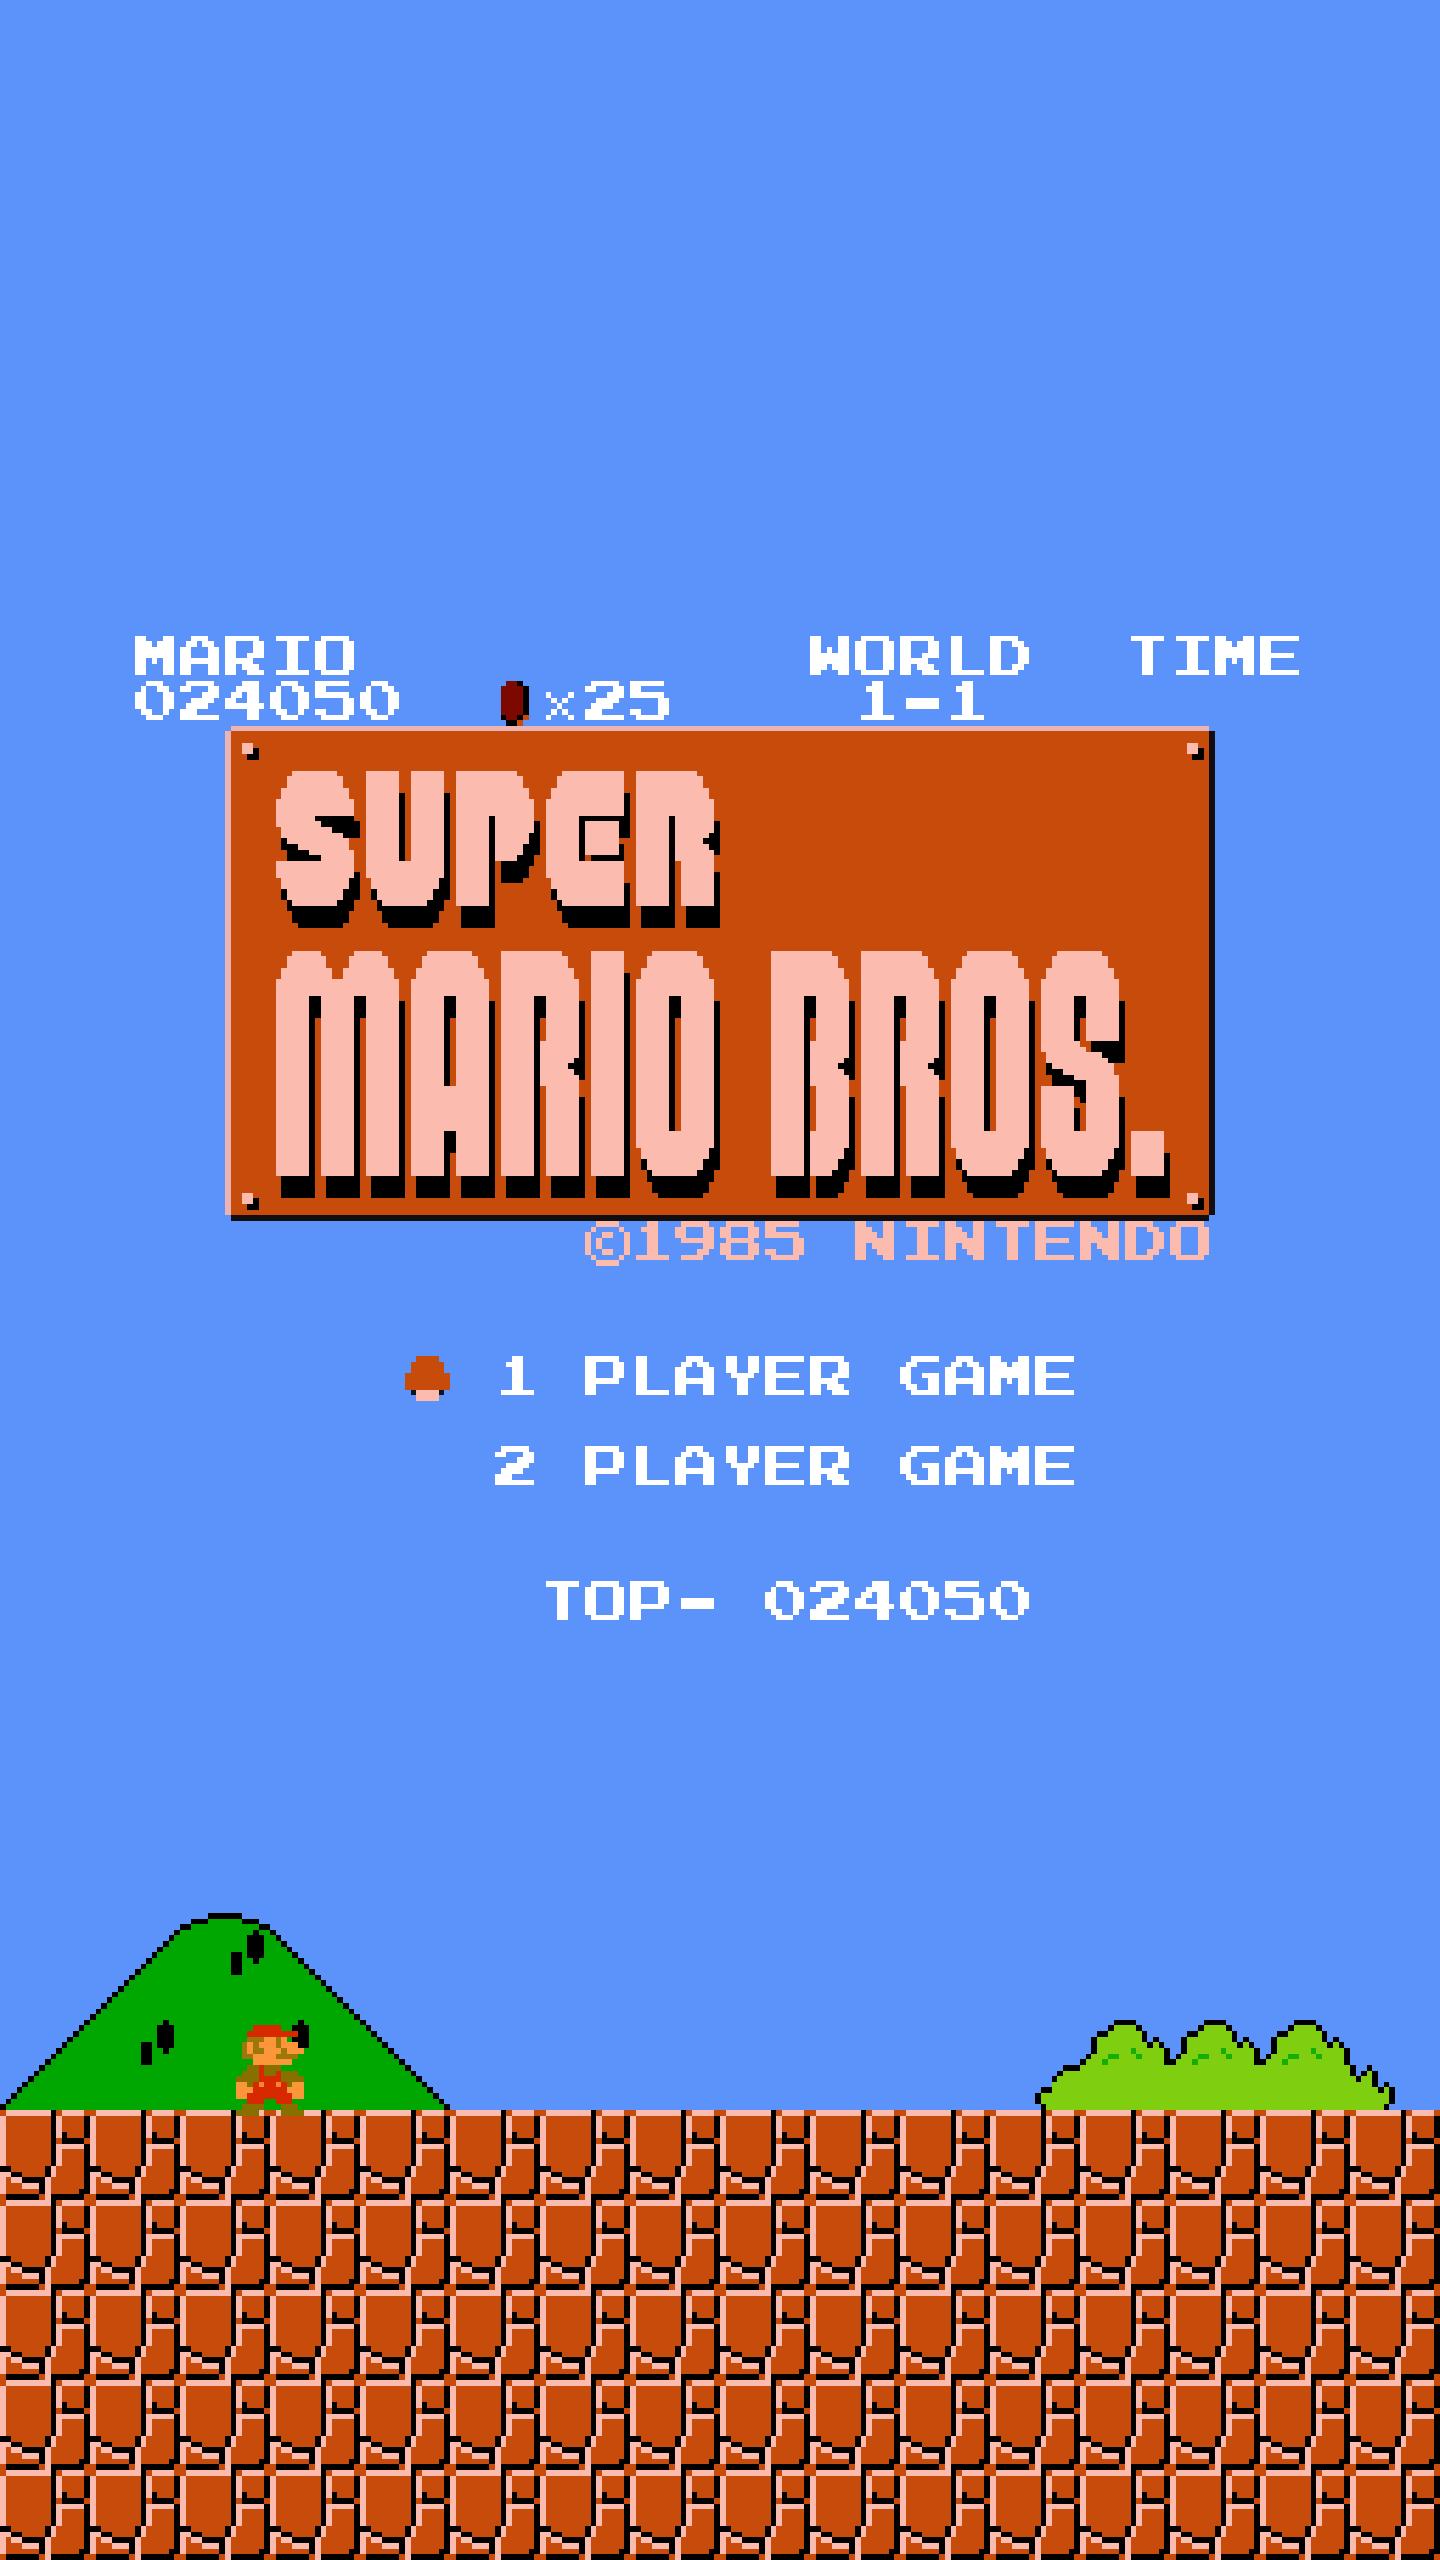 デスクトップ壁紙 スーパーマリオブラザーズ 8ビット レトロゲーム